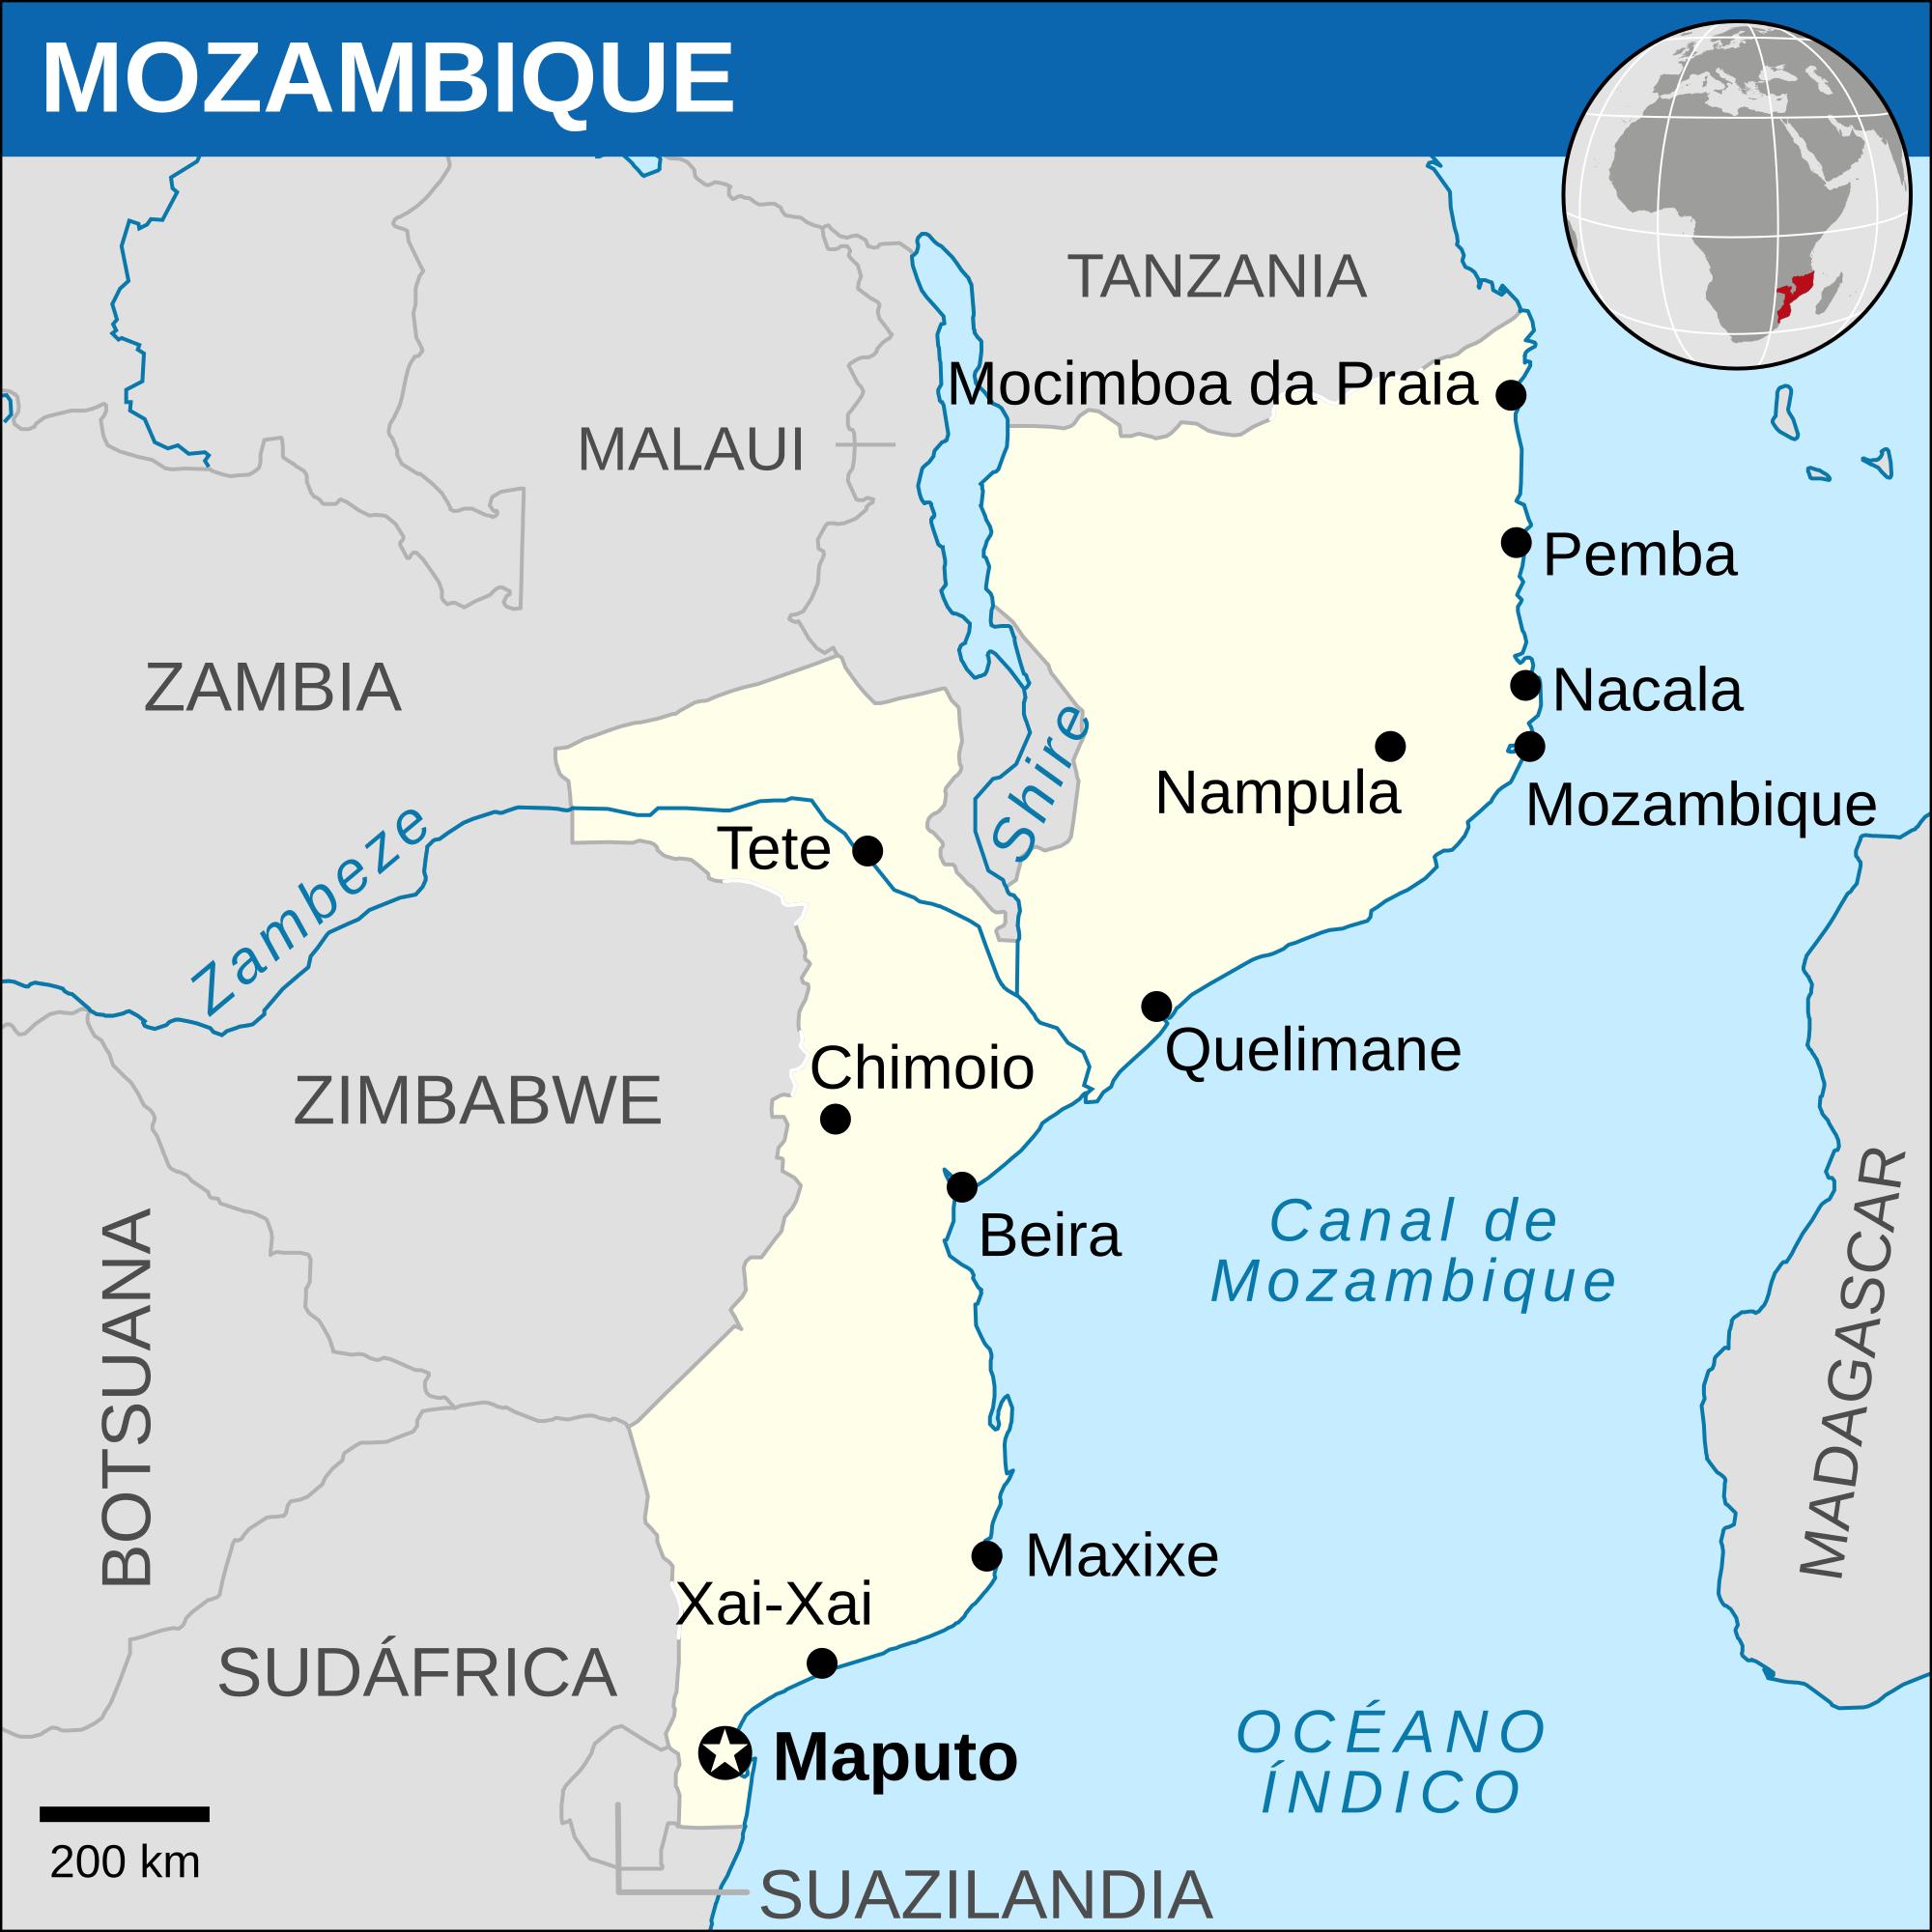 Mozambique Location Map 2013 MAPS Pinterest